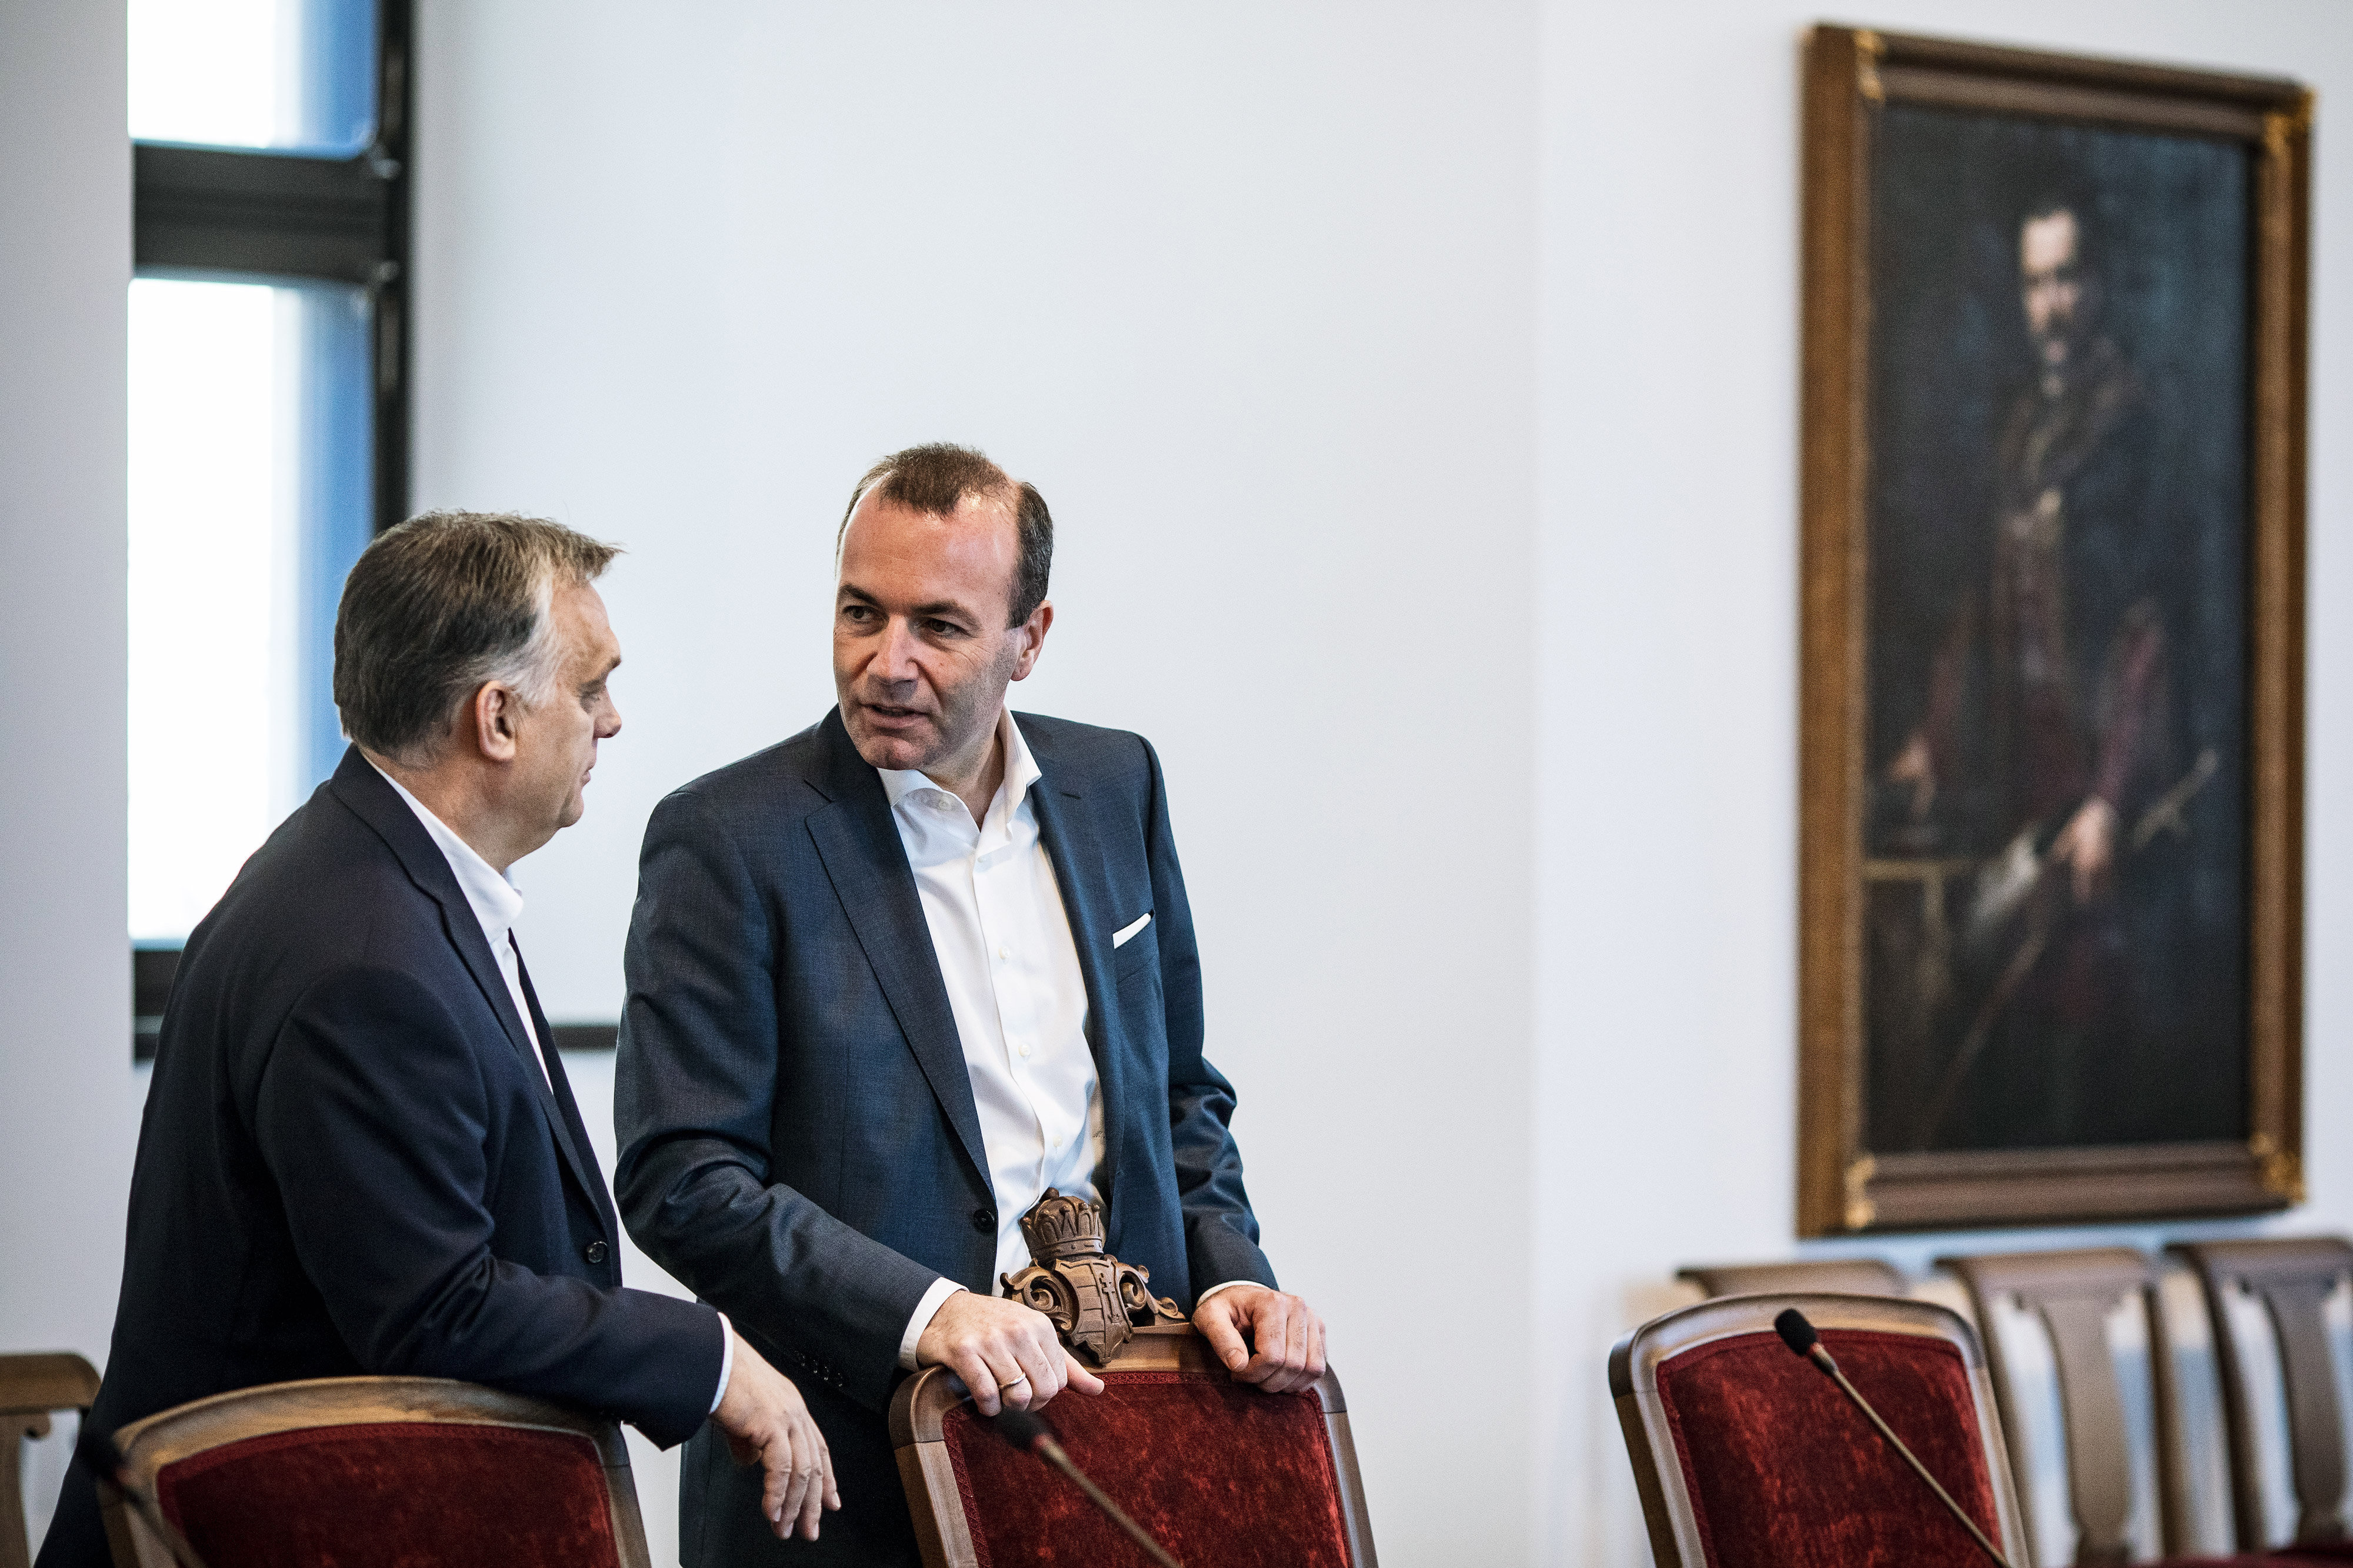 Népszava: Orbán levelet írt Webernek, melyben a Fidesz kilépését készítheti elő az Európai Néppártból